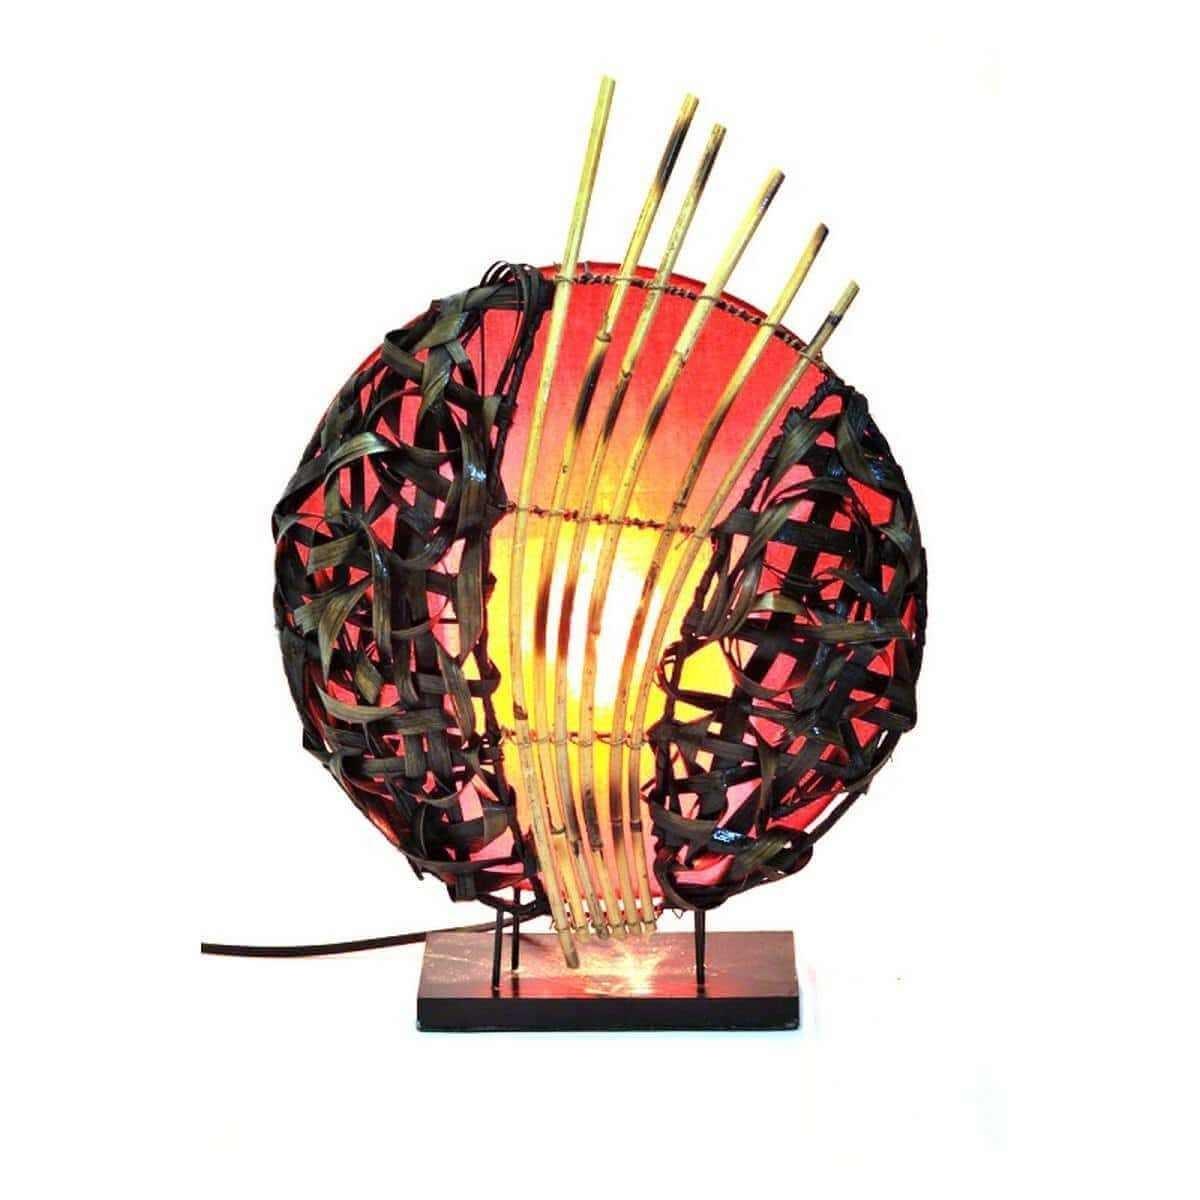 deko leuchte stimmungsleuchte stehleuchte tischleuchte tischlampe bali feng shui ebay. Black Bedroom Furniture Sets. Home Design Ideas